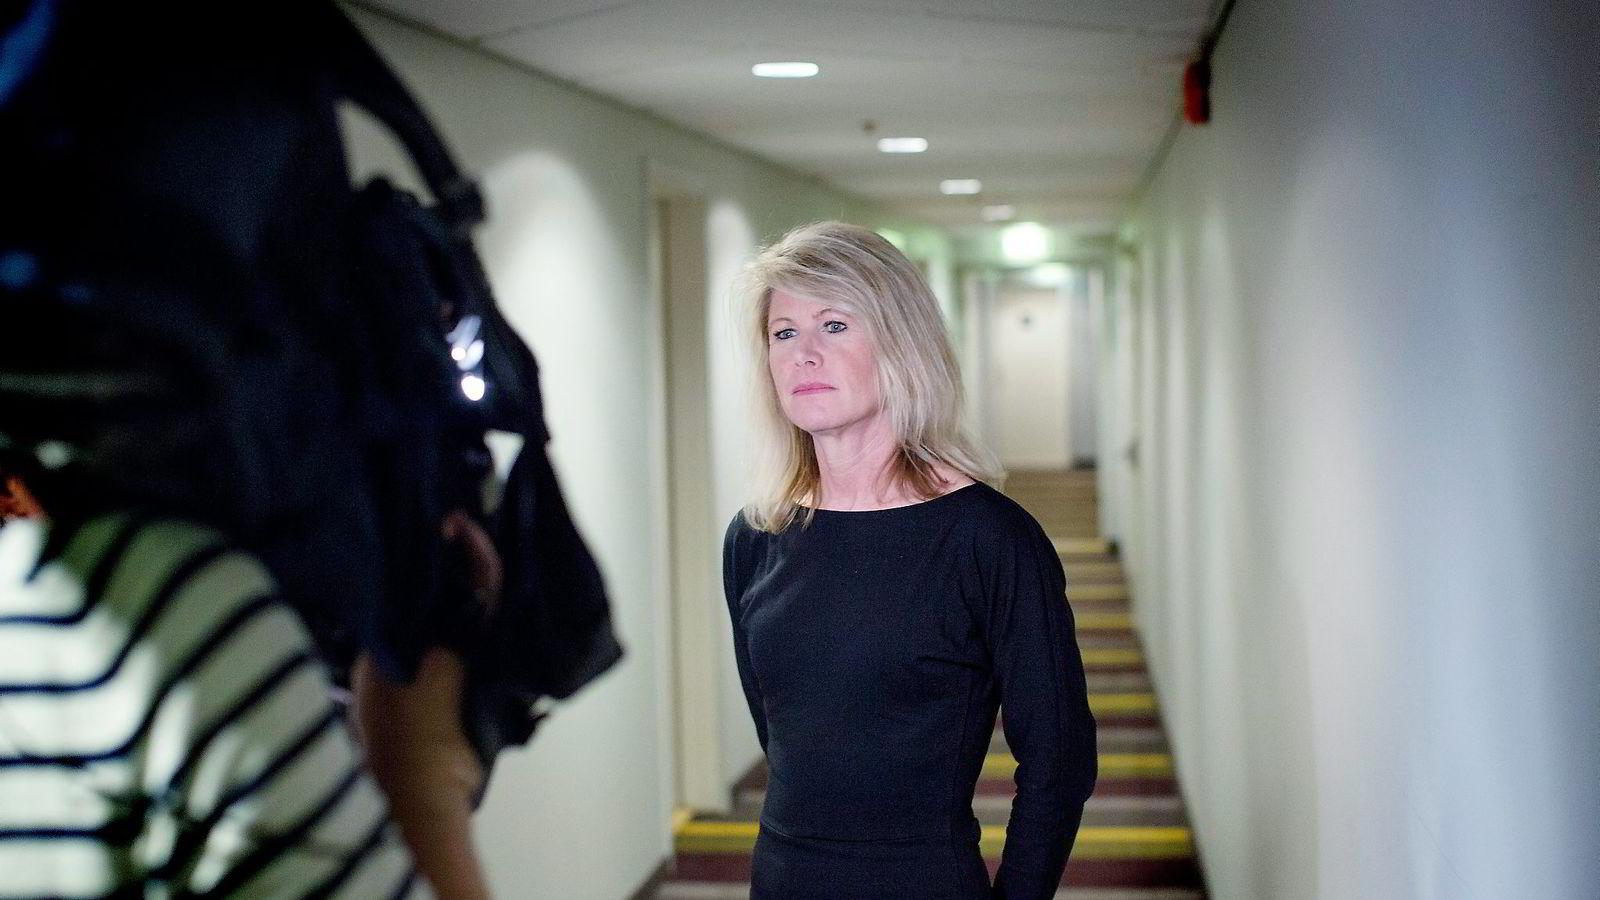 Westerdals nye rektor Tine Widerøe må nå forsøke å bygge merkevaren opp igjen etter flere skandaler rundt skolen. Foto: